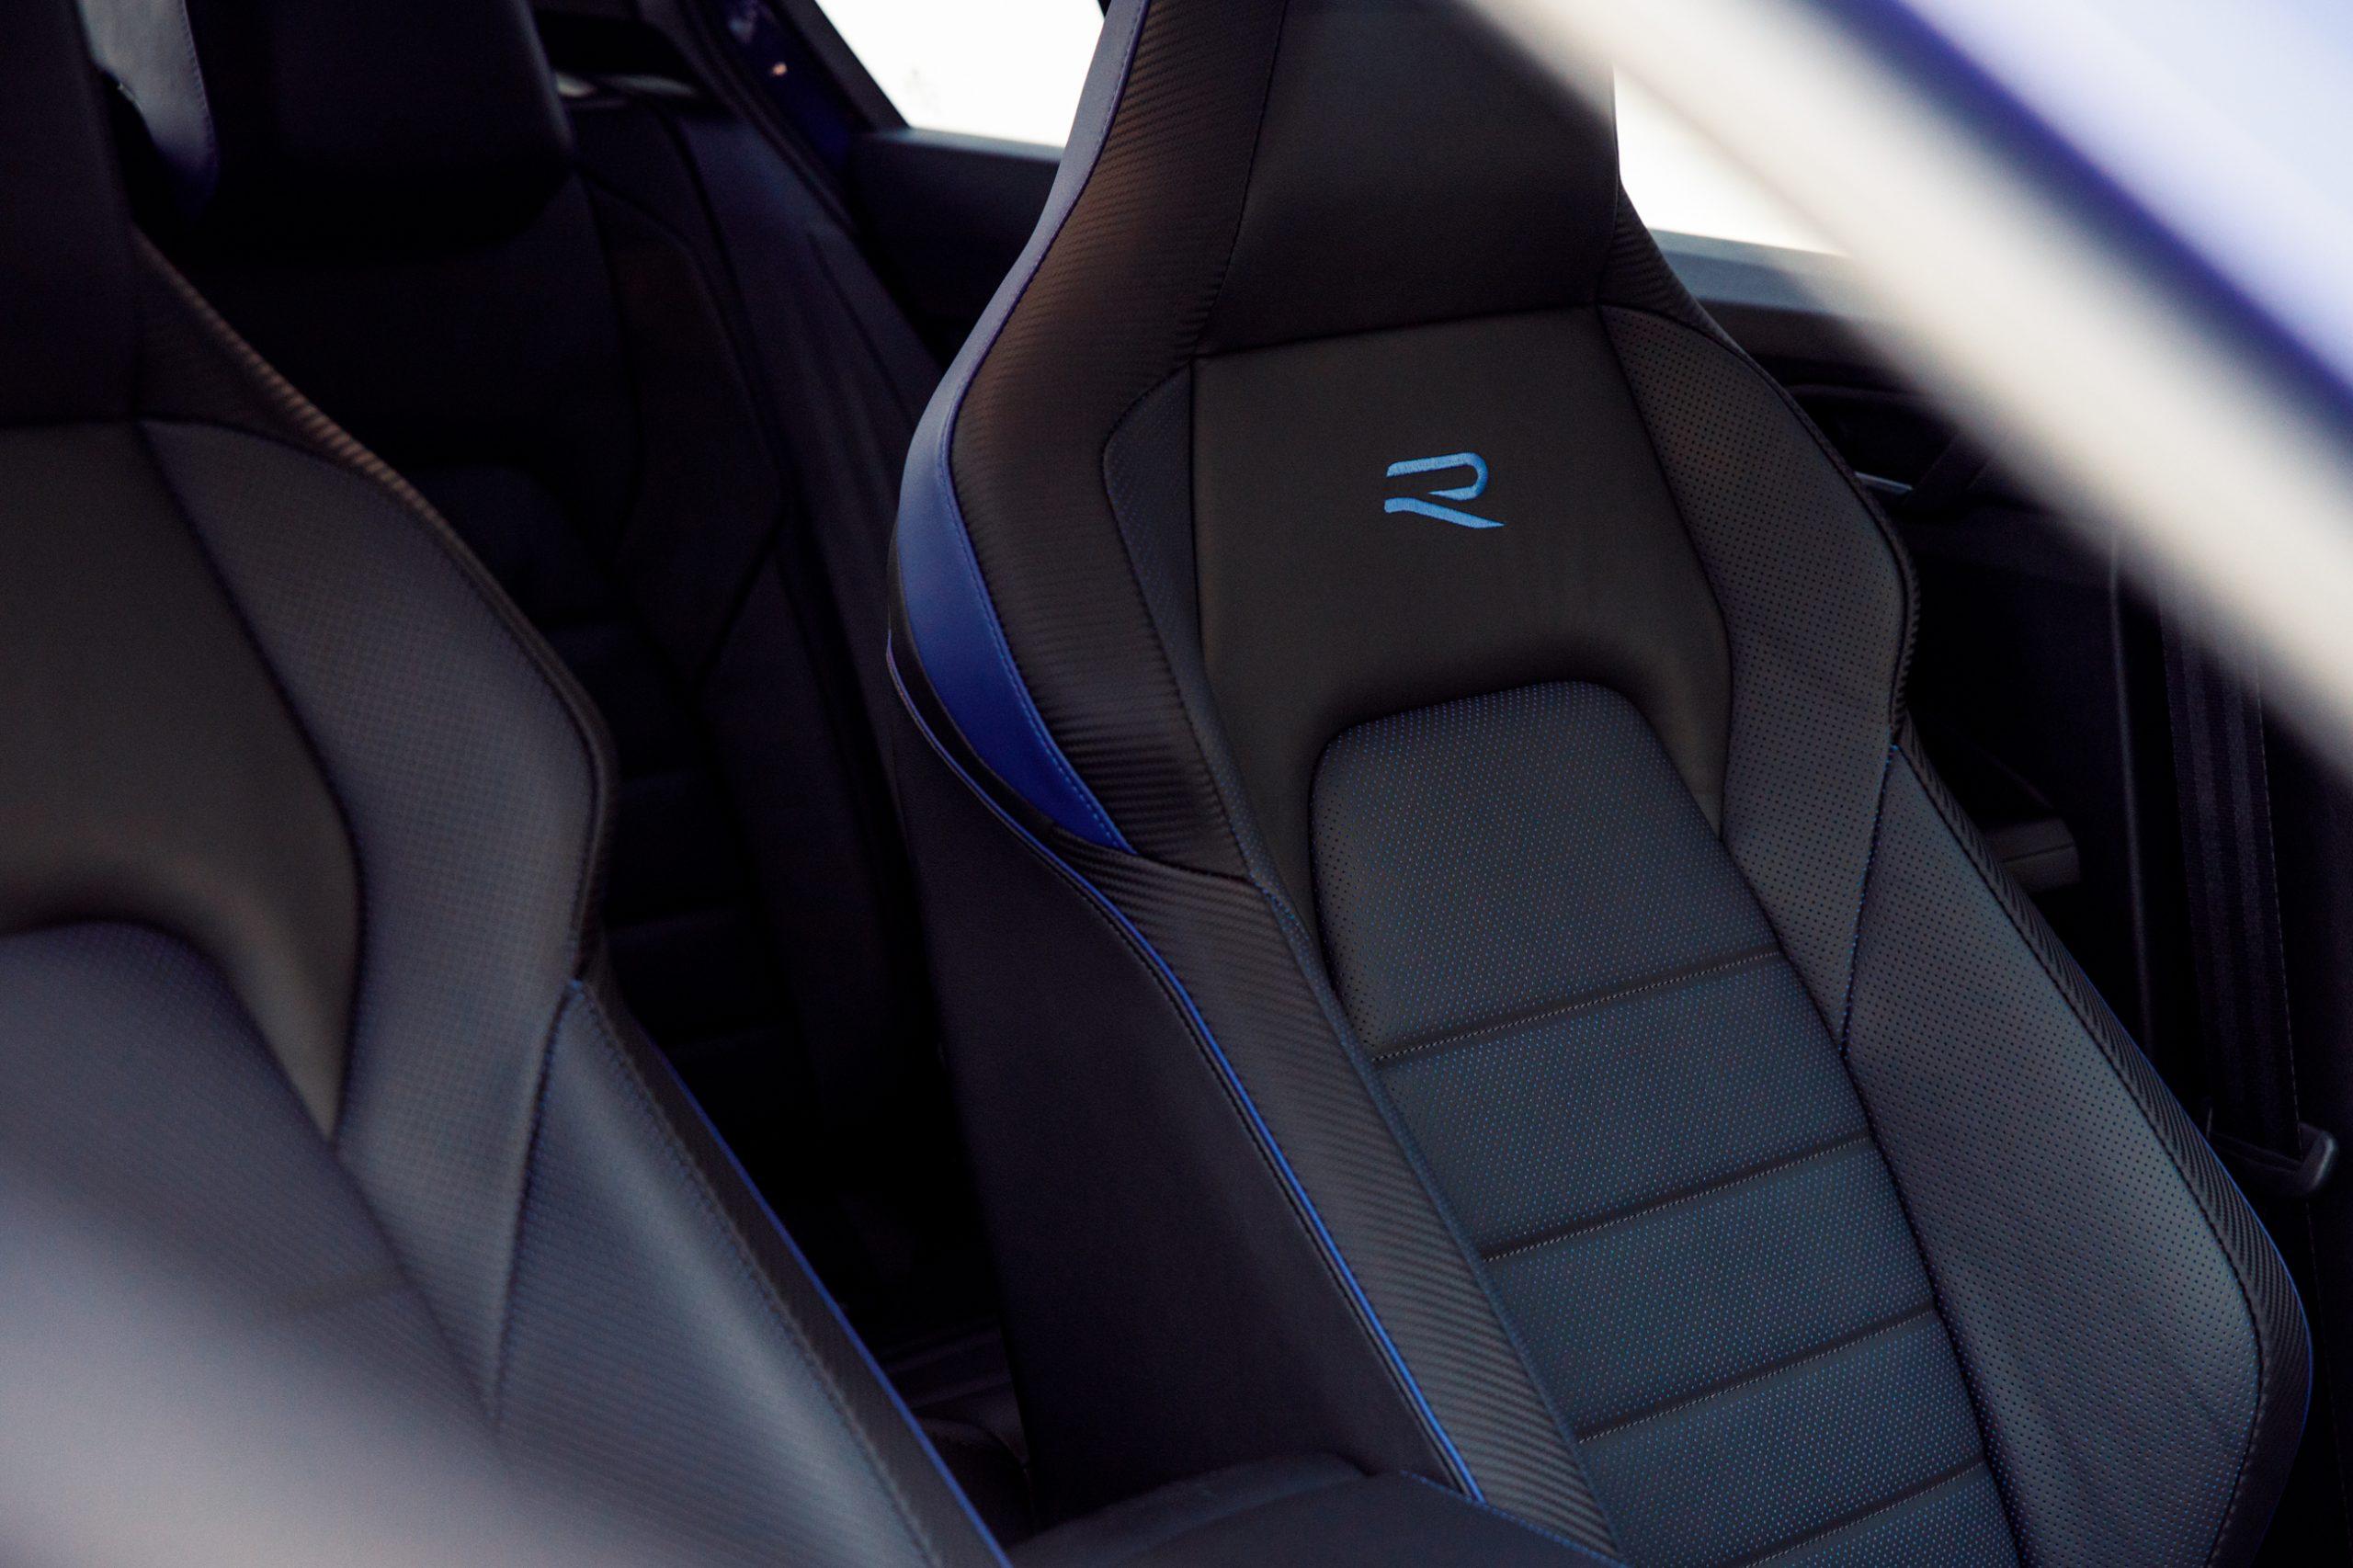 2022 Volkswagen Golf R driver seat detail